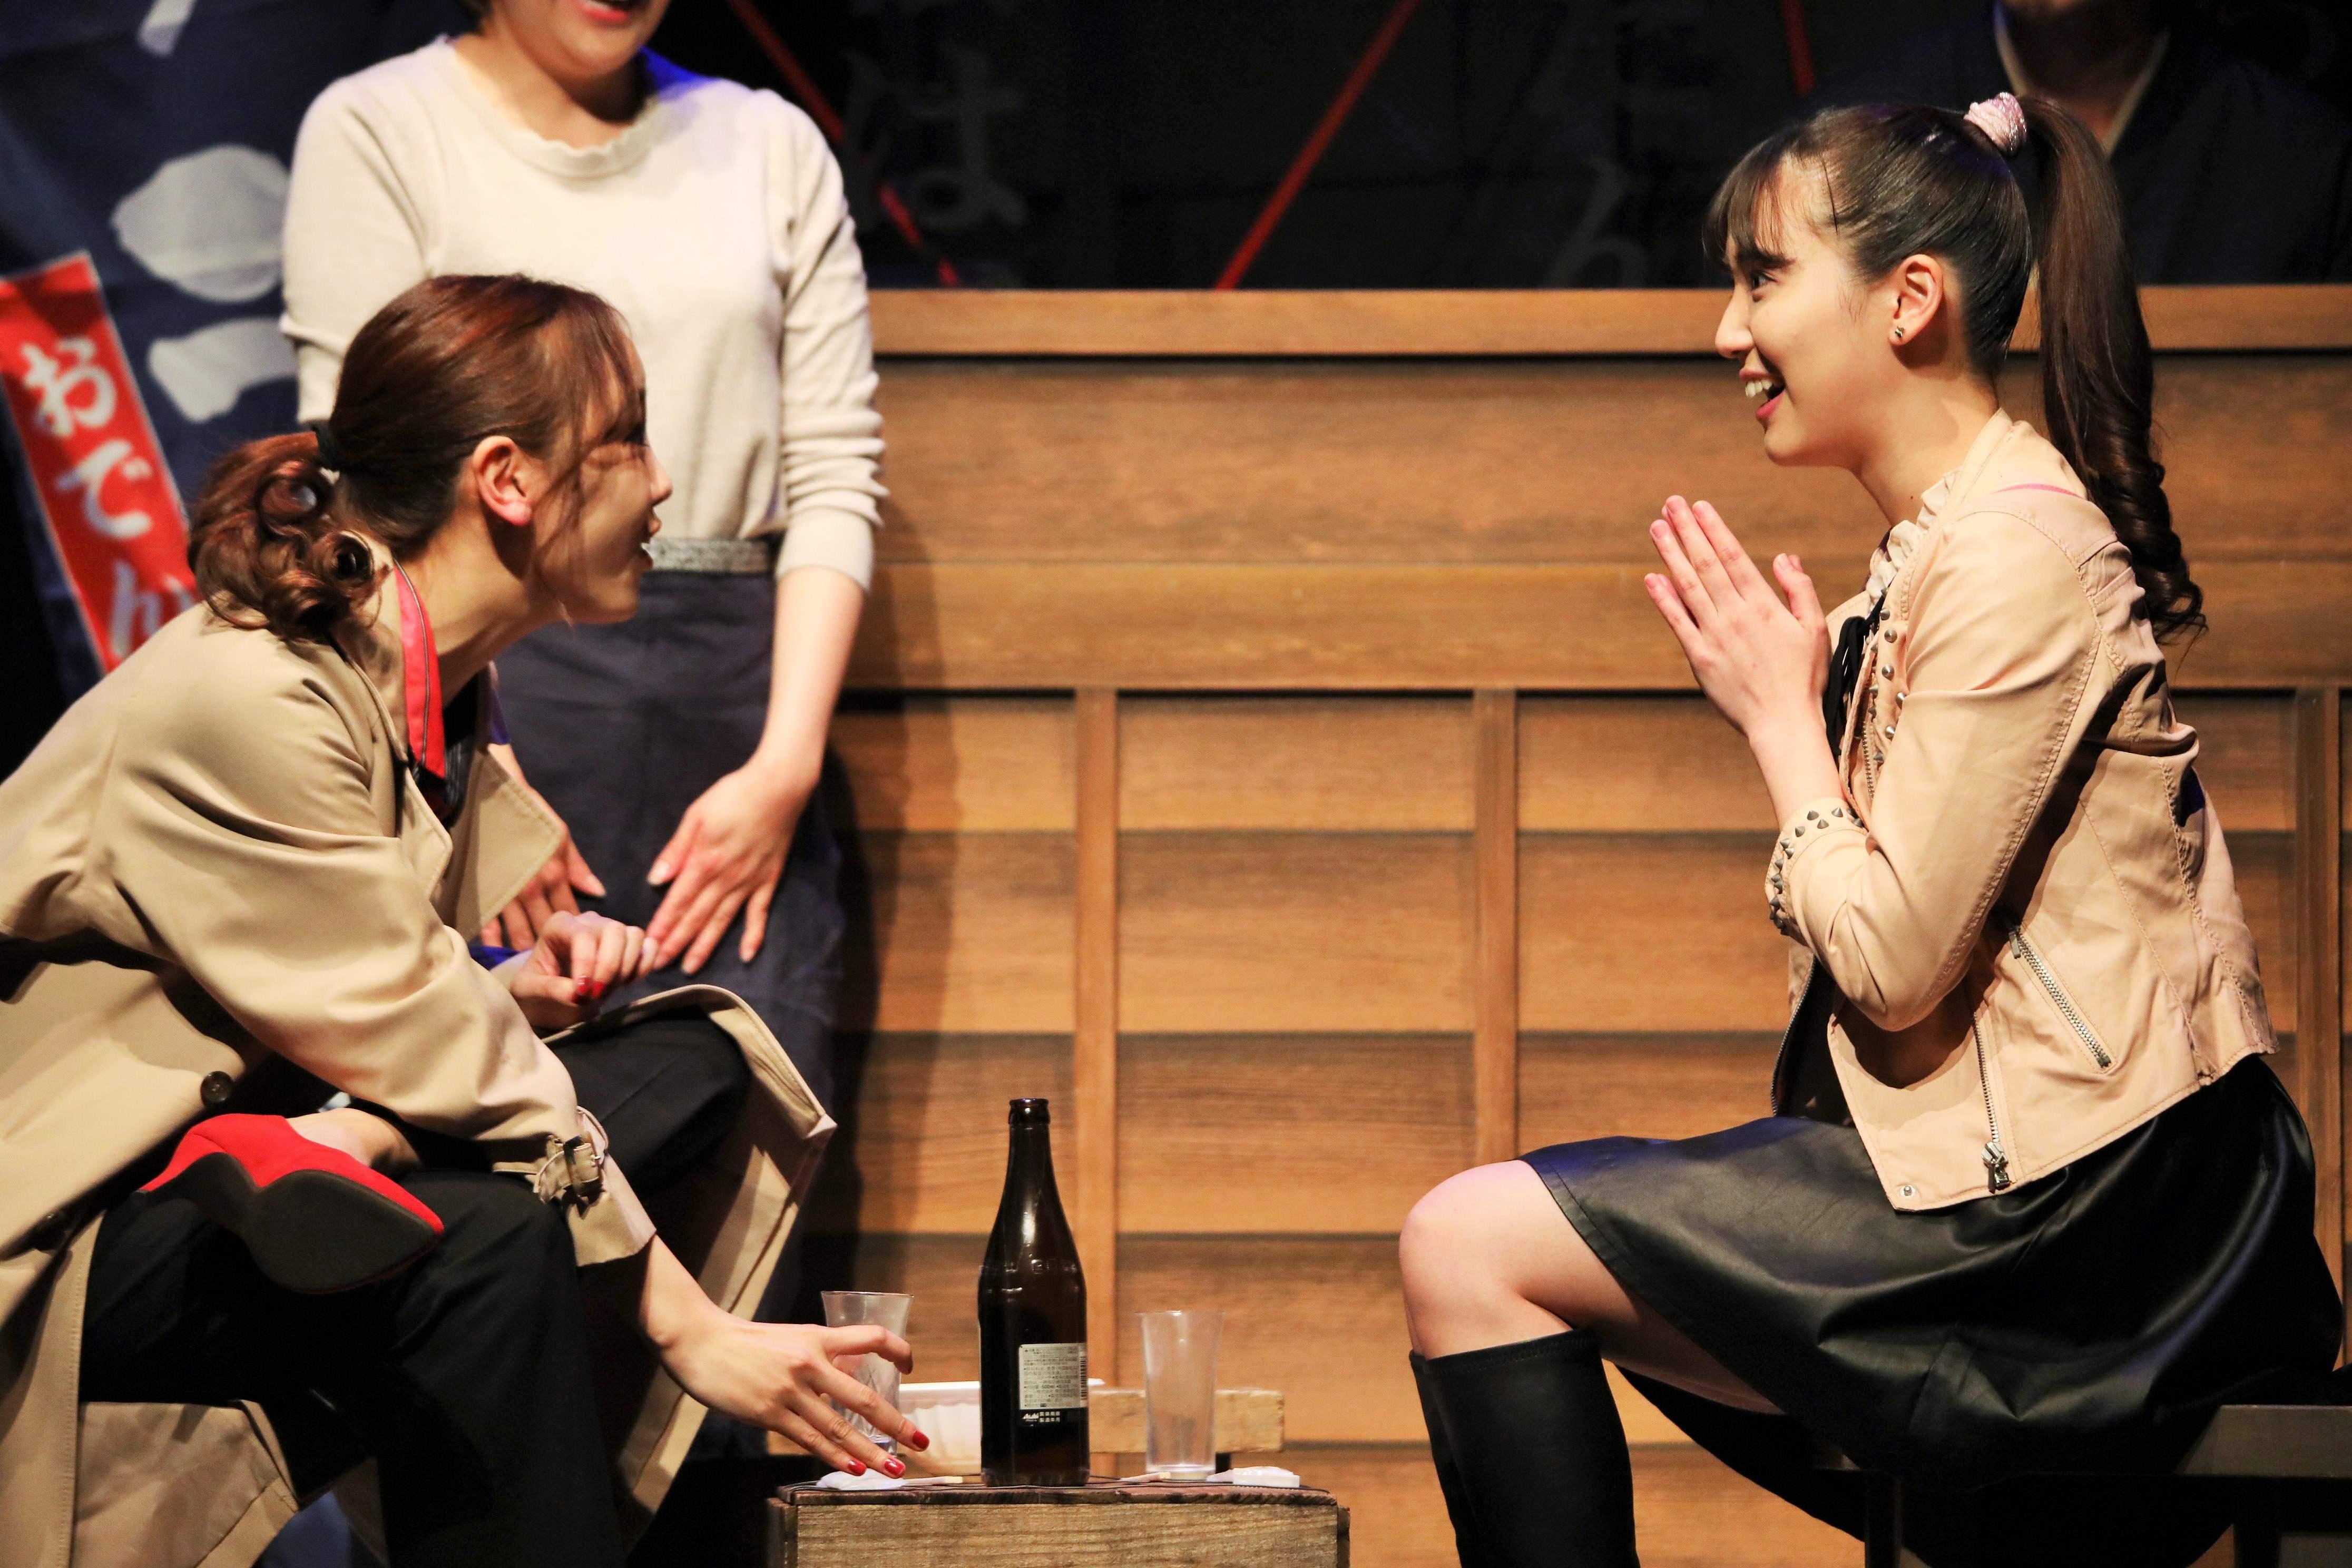 内野沙耶役を演じる下尾みう(右)画像の無断転載・アップロードは一切禁止。